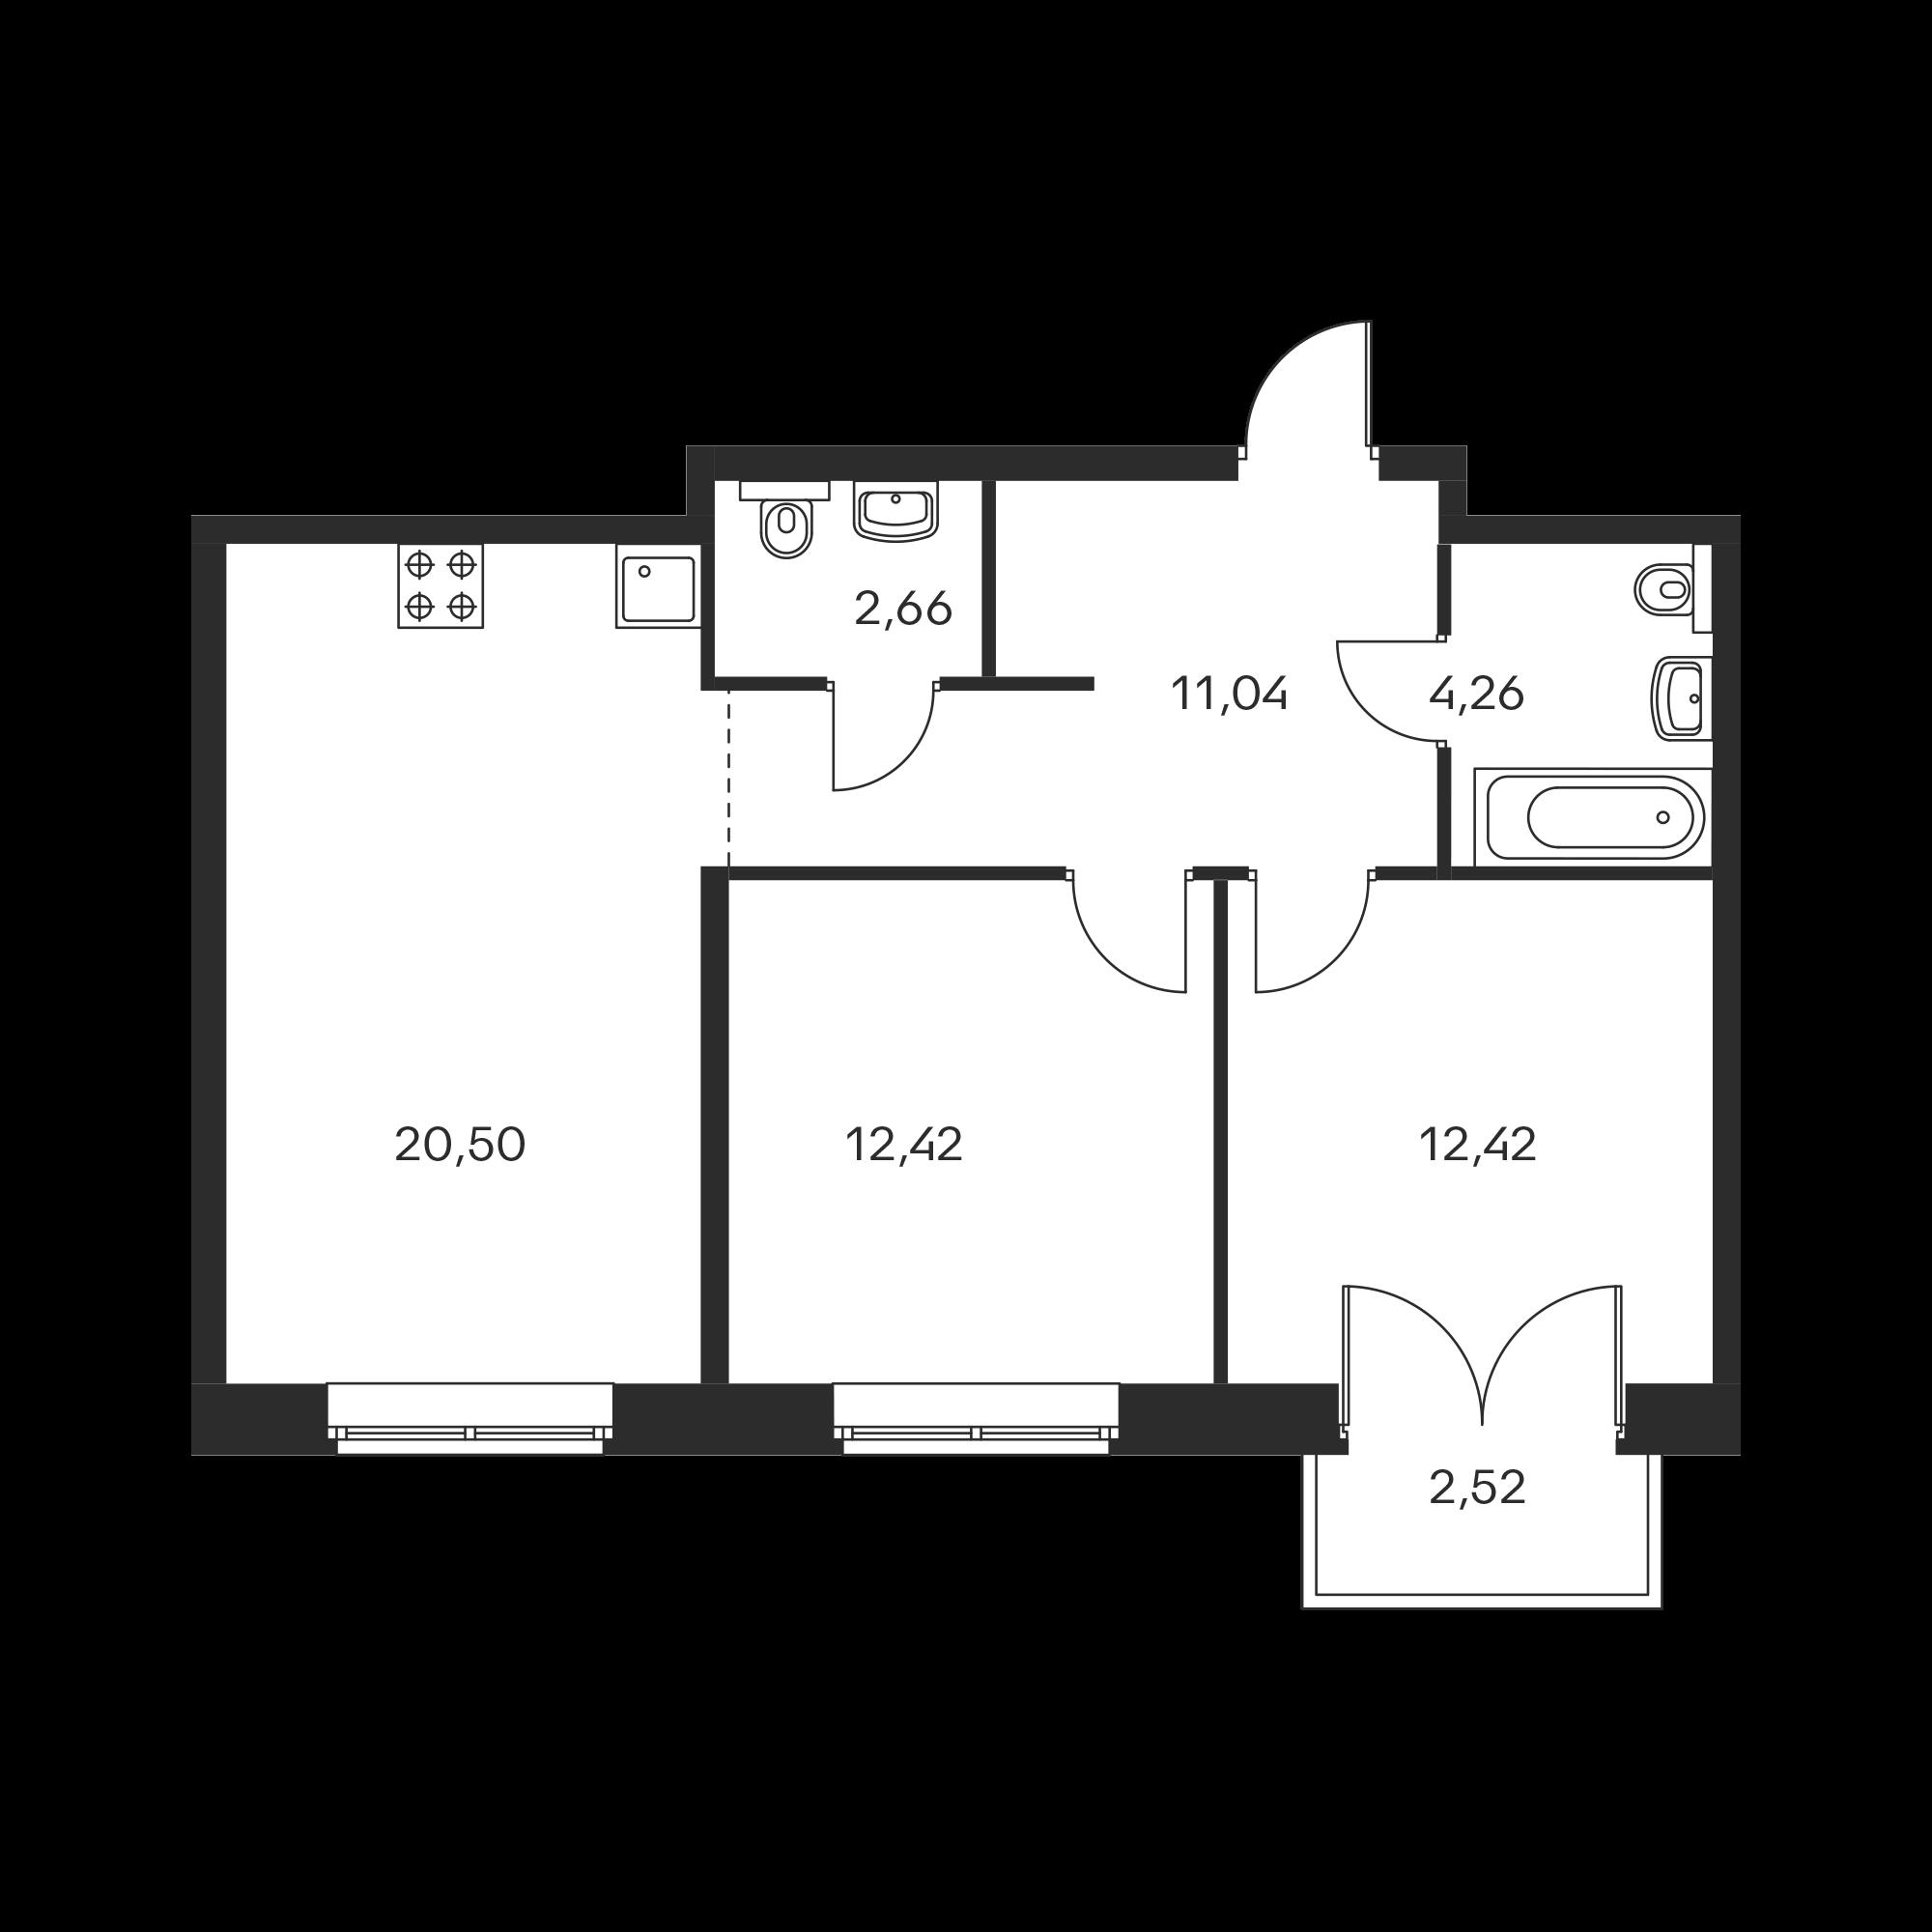 2EL_6B